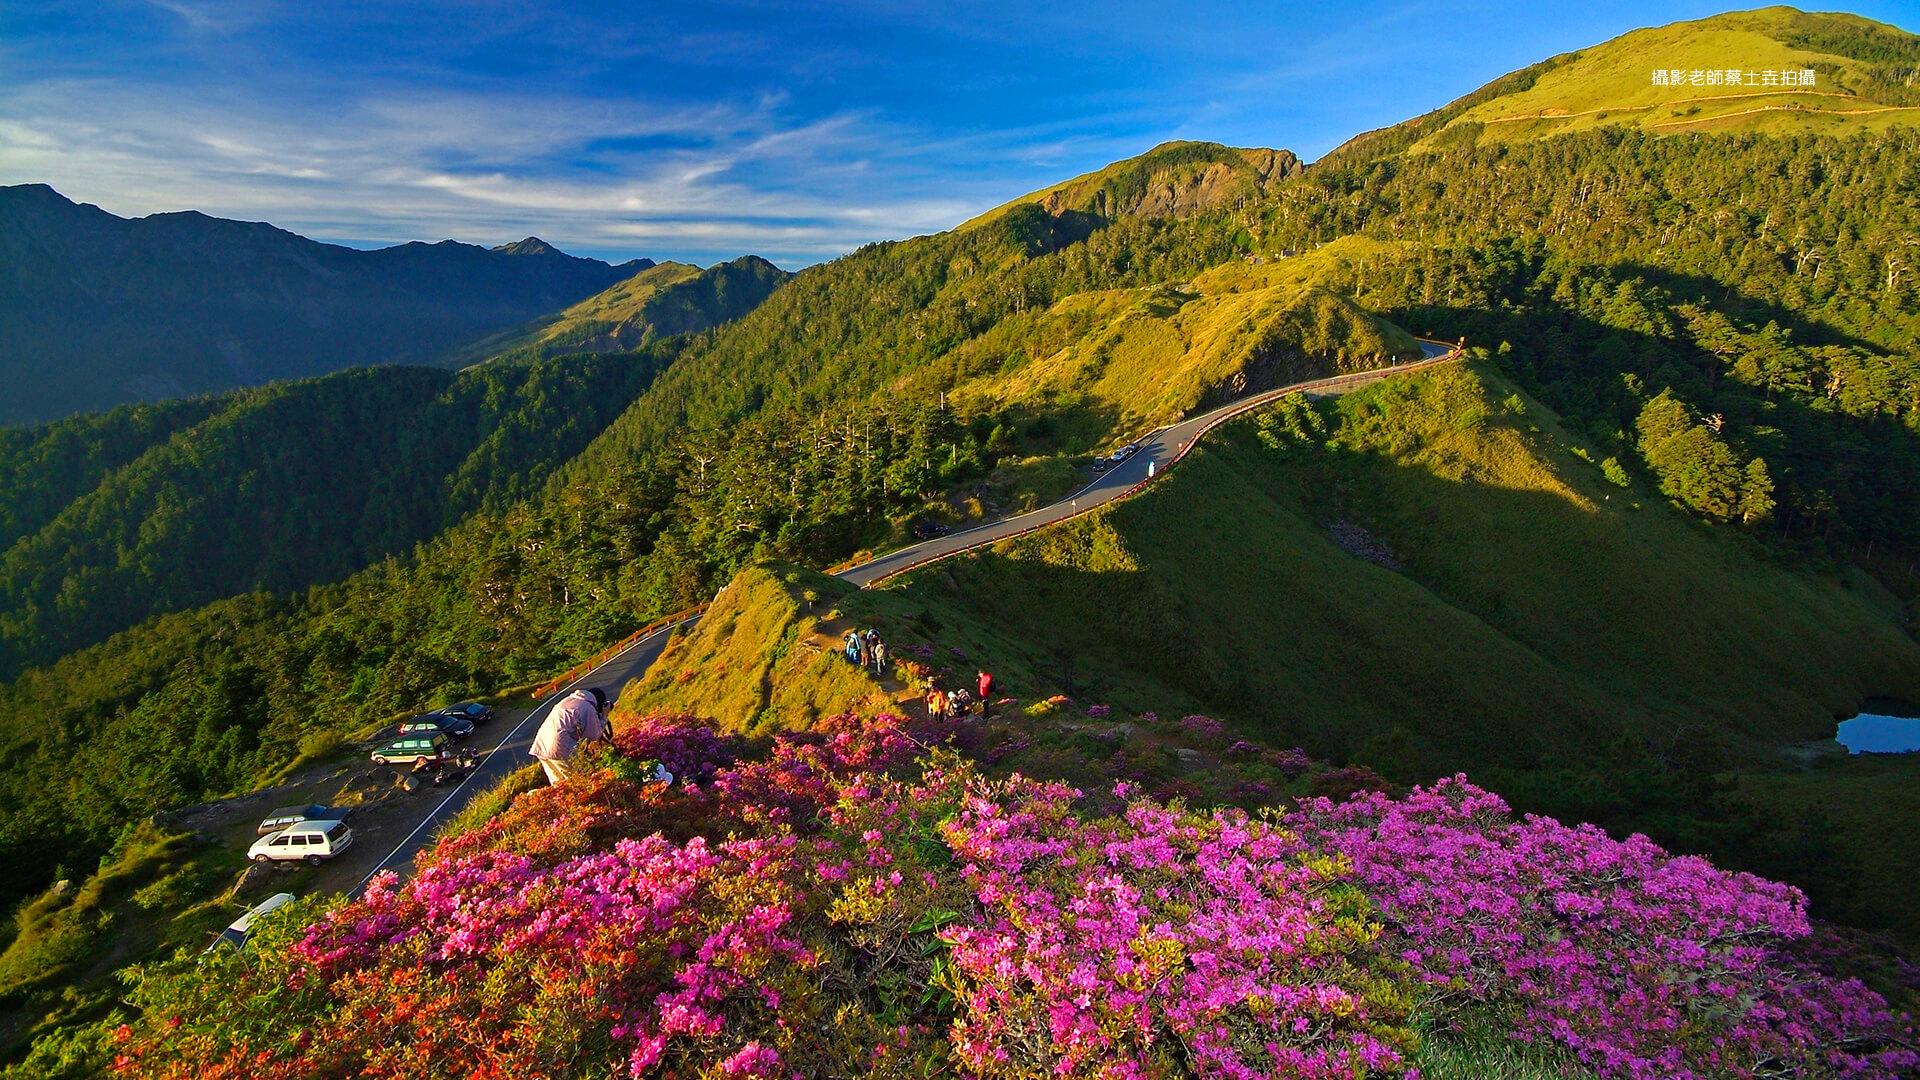 Mùa Hè ở Đài Loan có thiên nhiên tươi đẹp.